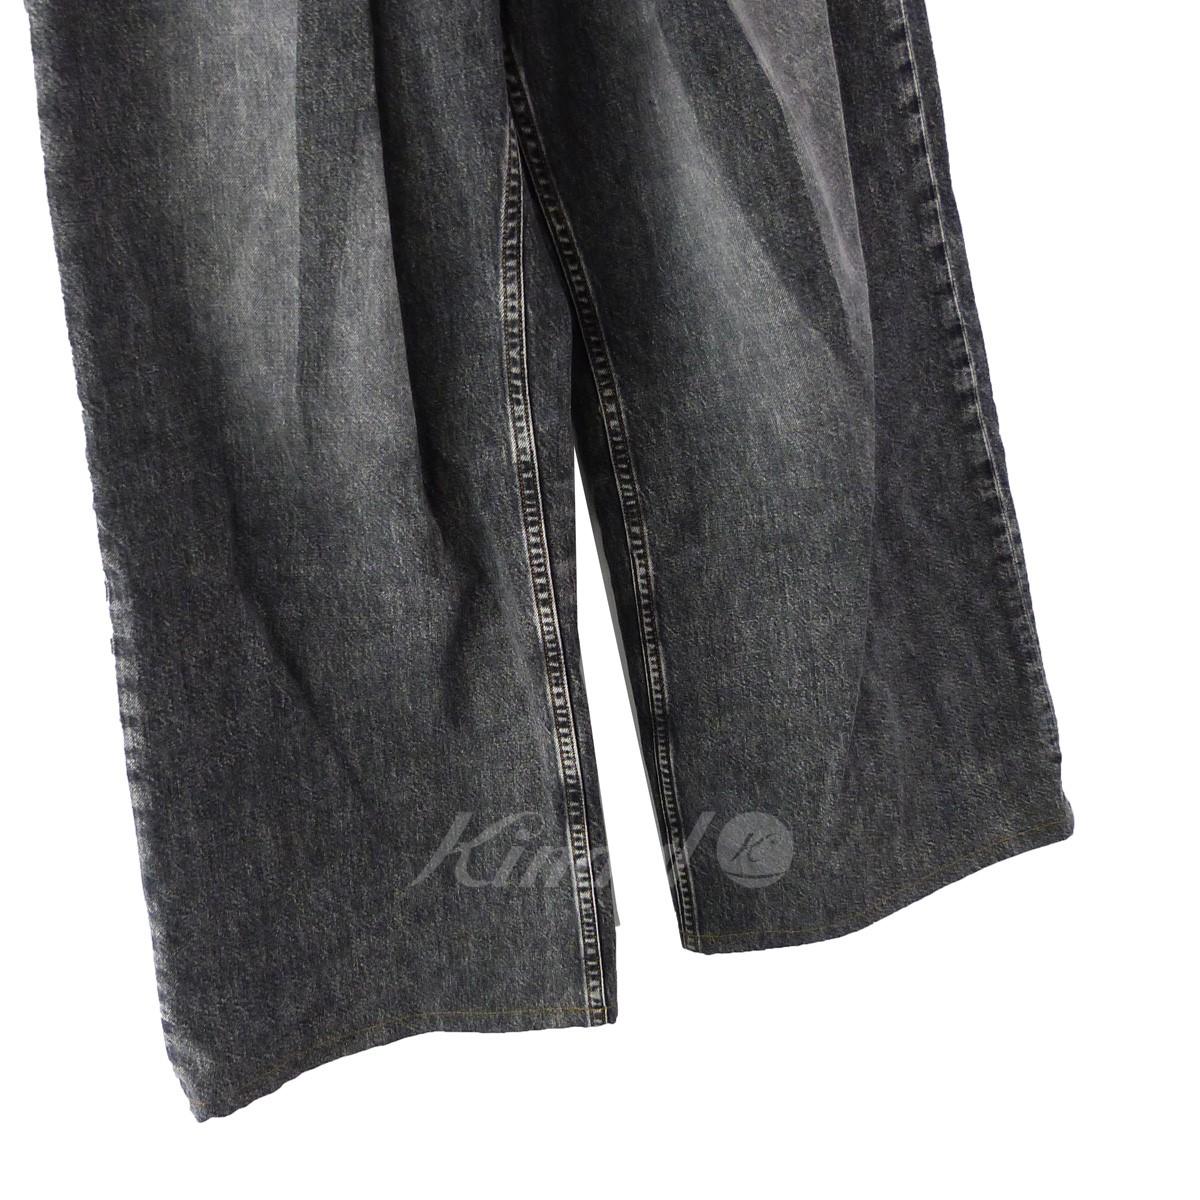 JOHN LAWRENCE SULLIVANWASHED DENIM WIDE PANTS ウォッシュドワイドデニムパンツ ブラック サイズ S240220ジョンローレンスサリバンZkwOPXuTi